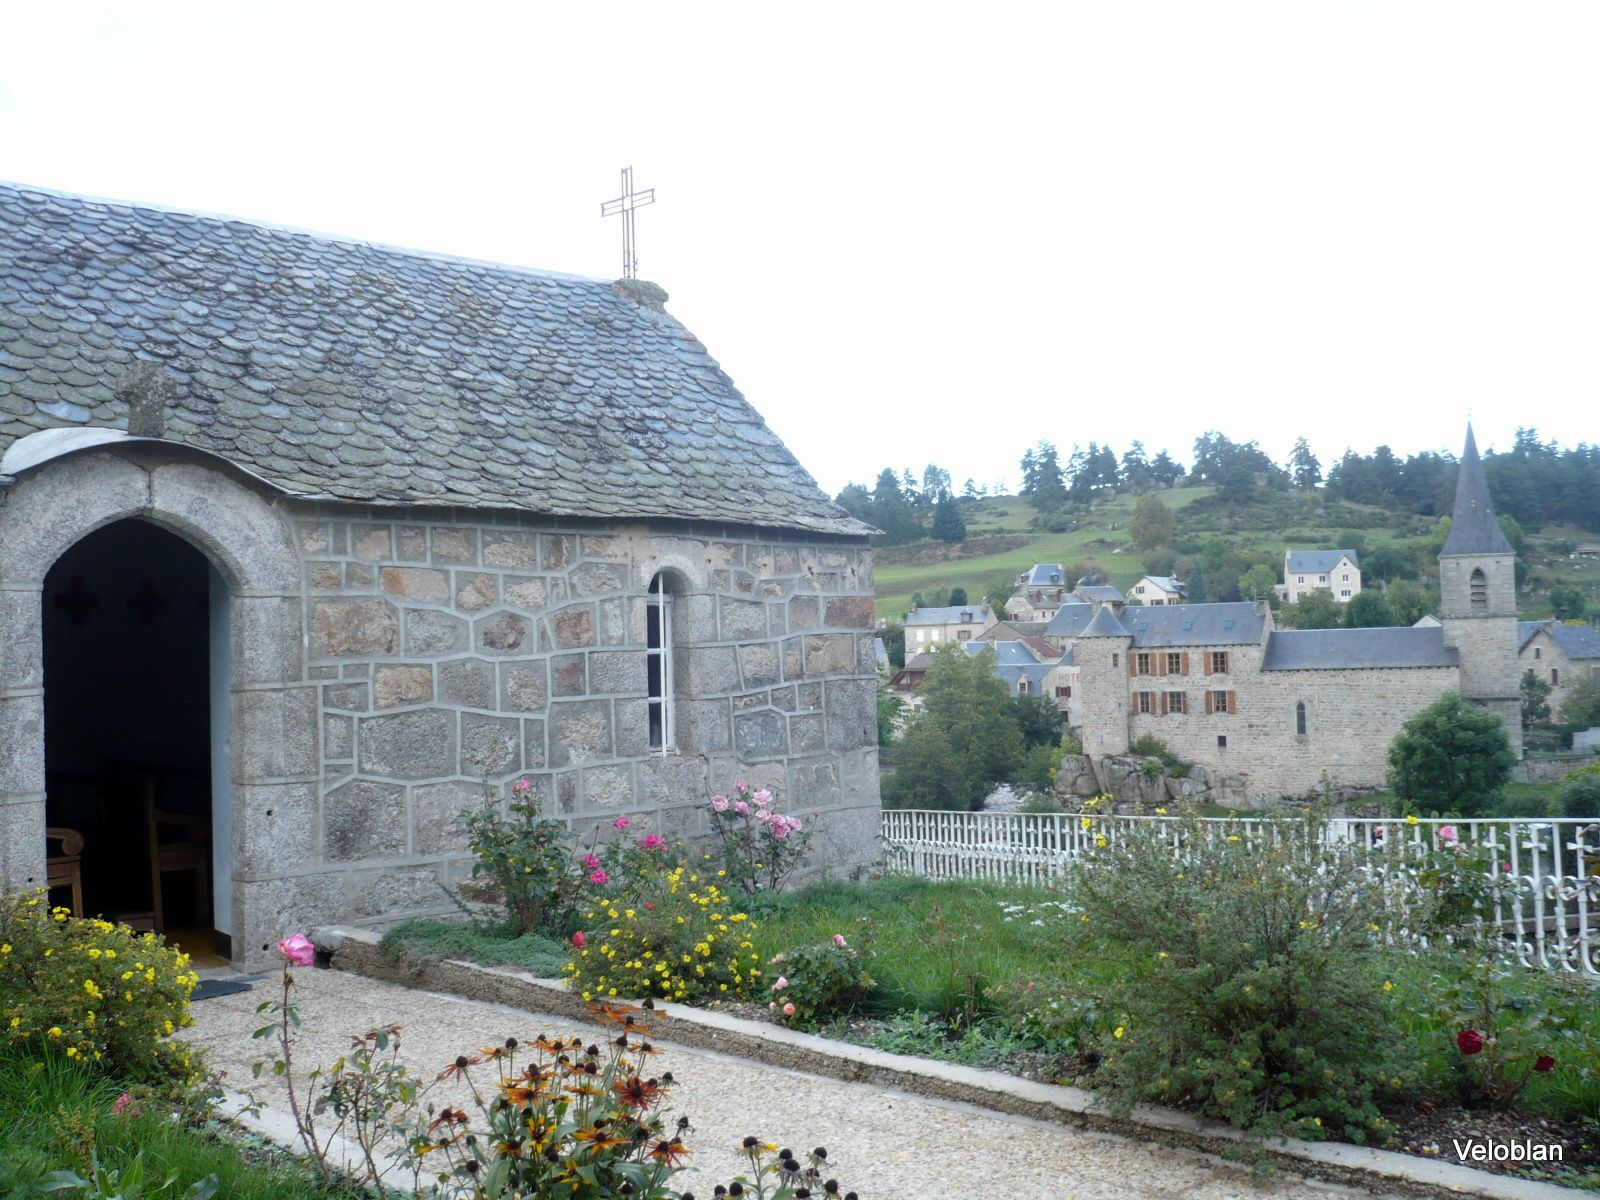 Petite chapelle sur les hauteurs du village.